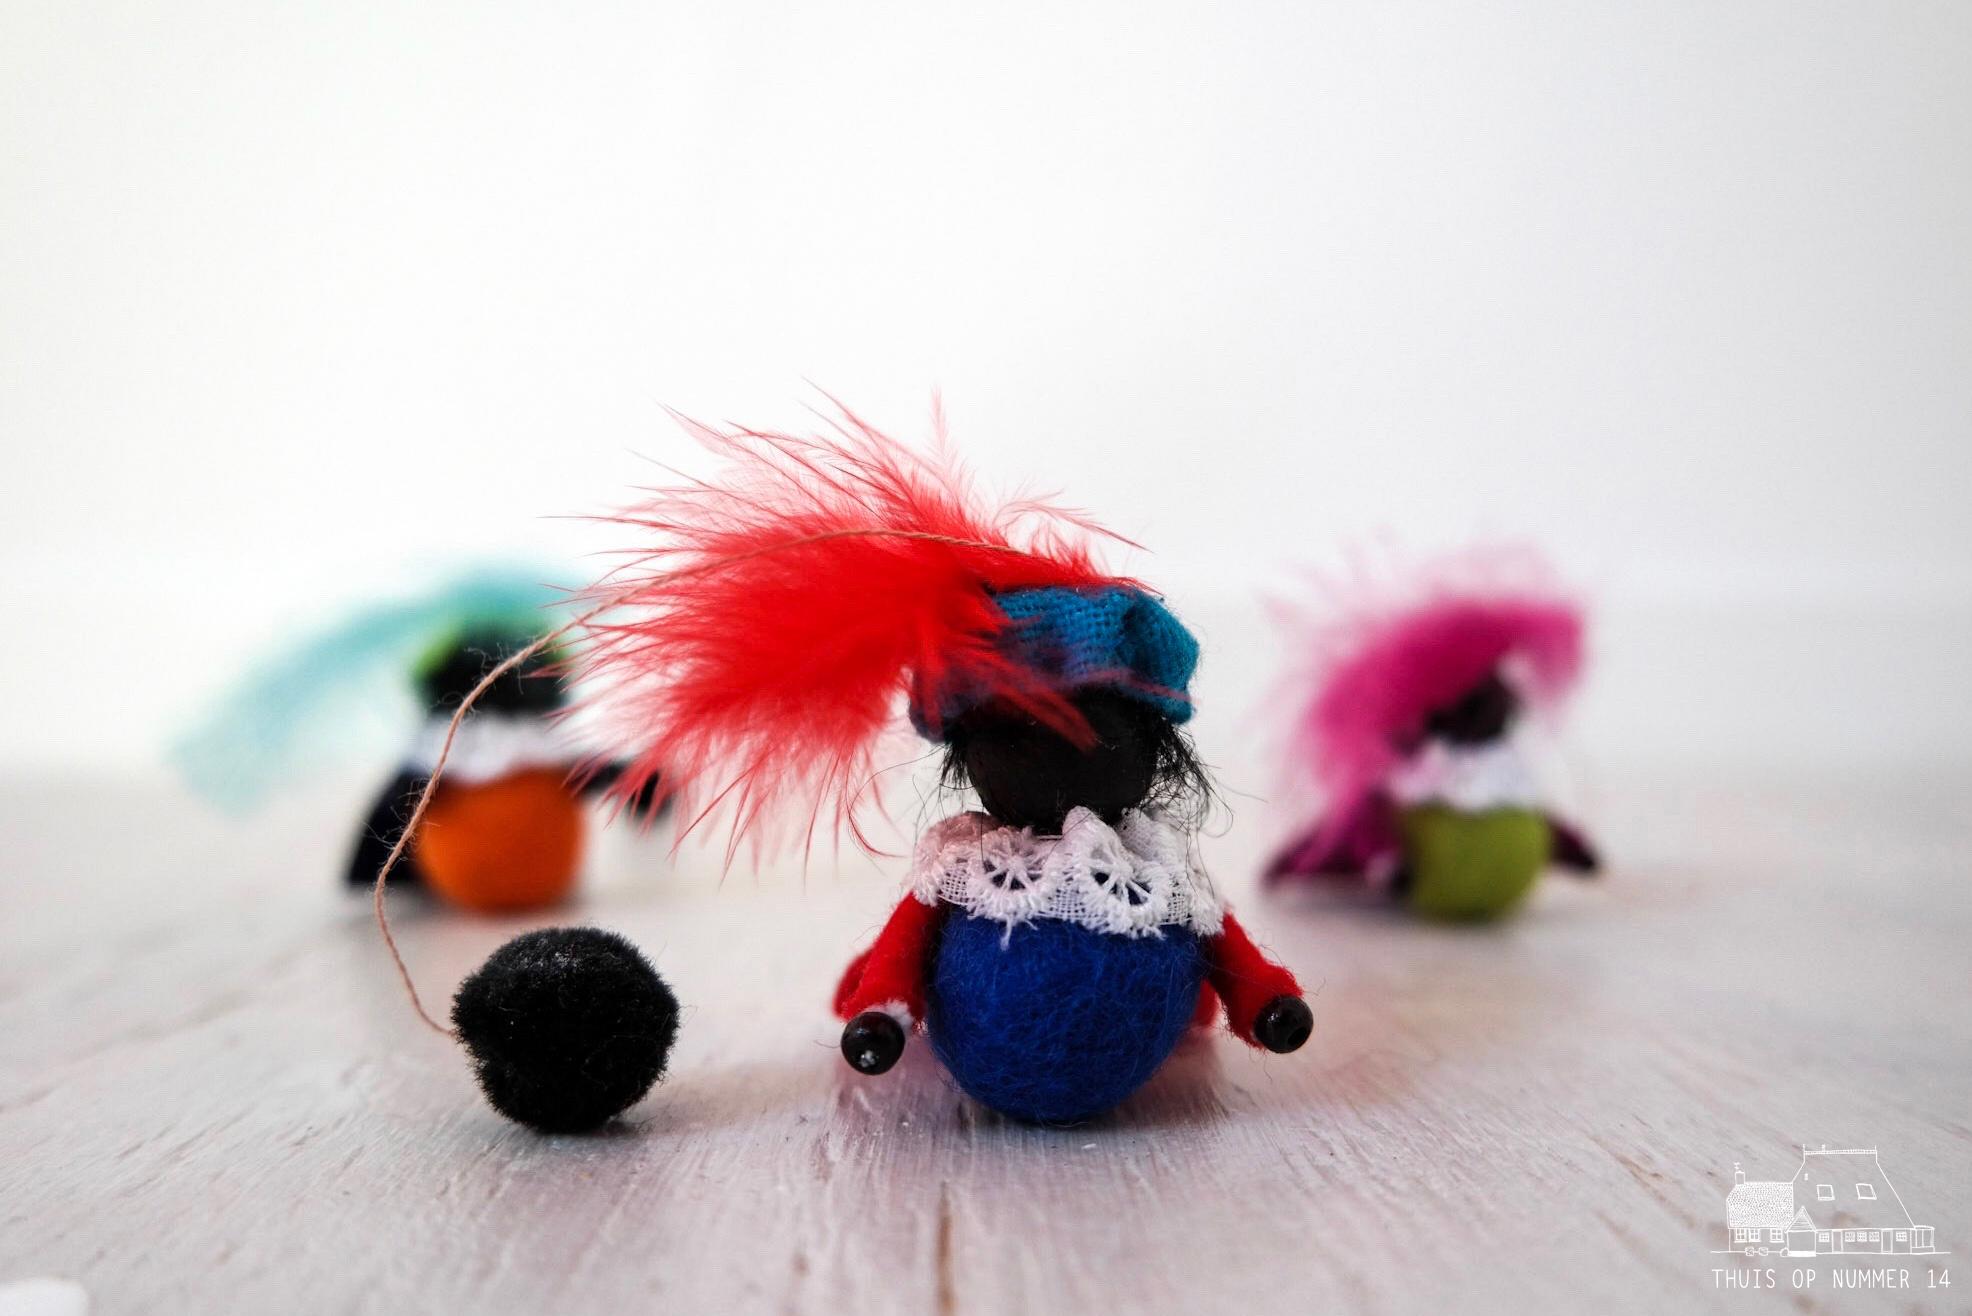 thuis op nummer 14 - Zwarte Piet, wie kent hem niet?